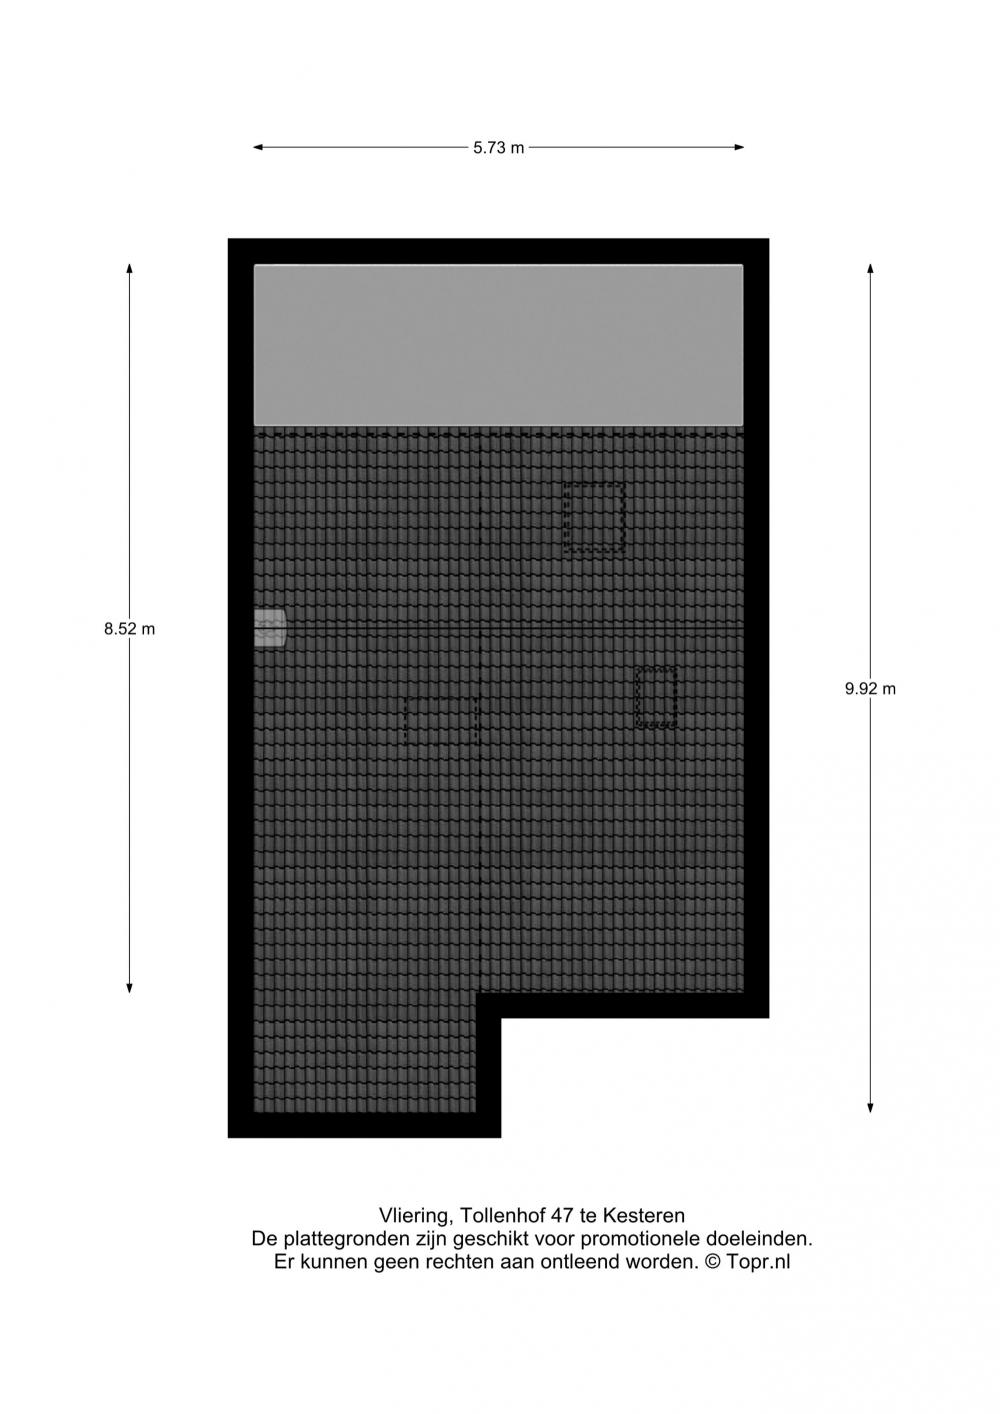 kesteren-tollenhof-47